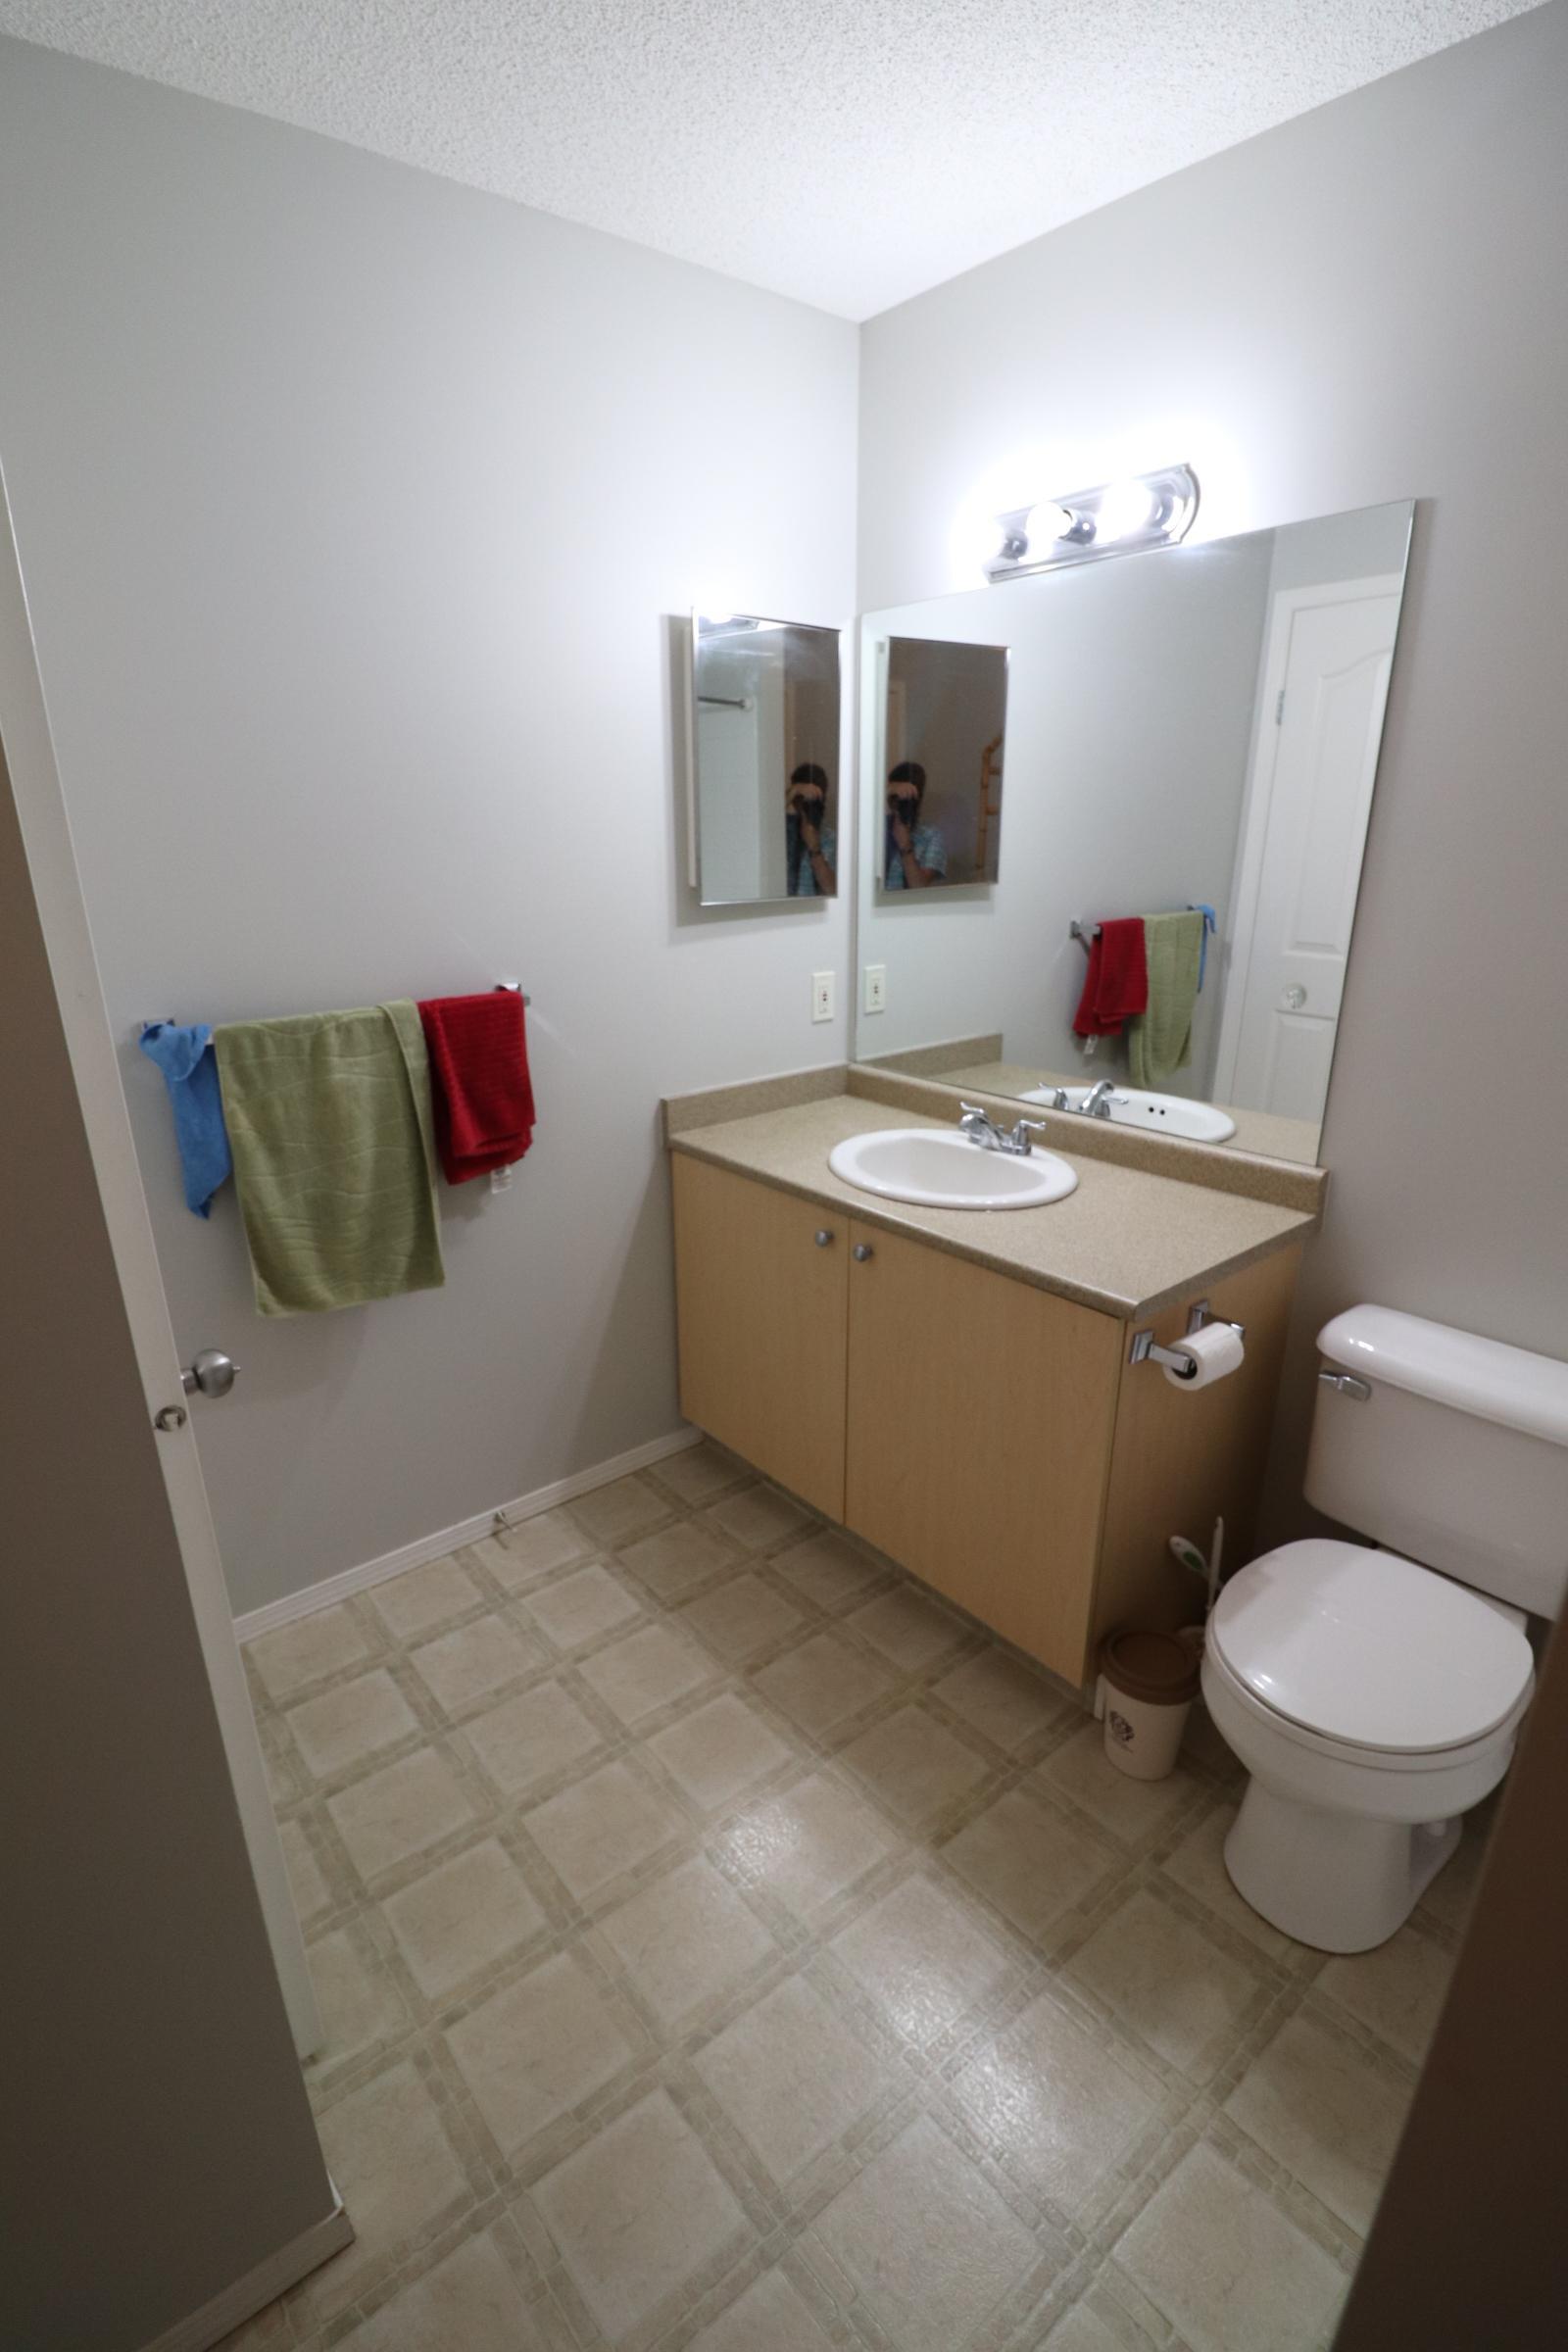 107 Citadel Meadow Garden SW, Calgary, Alberta T3G5N3, 4 Bedrooms Bedrooms, ,2 BathroomsBathrooms,Townhouse,For Rent,Citadel Meadow Garden,1092